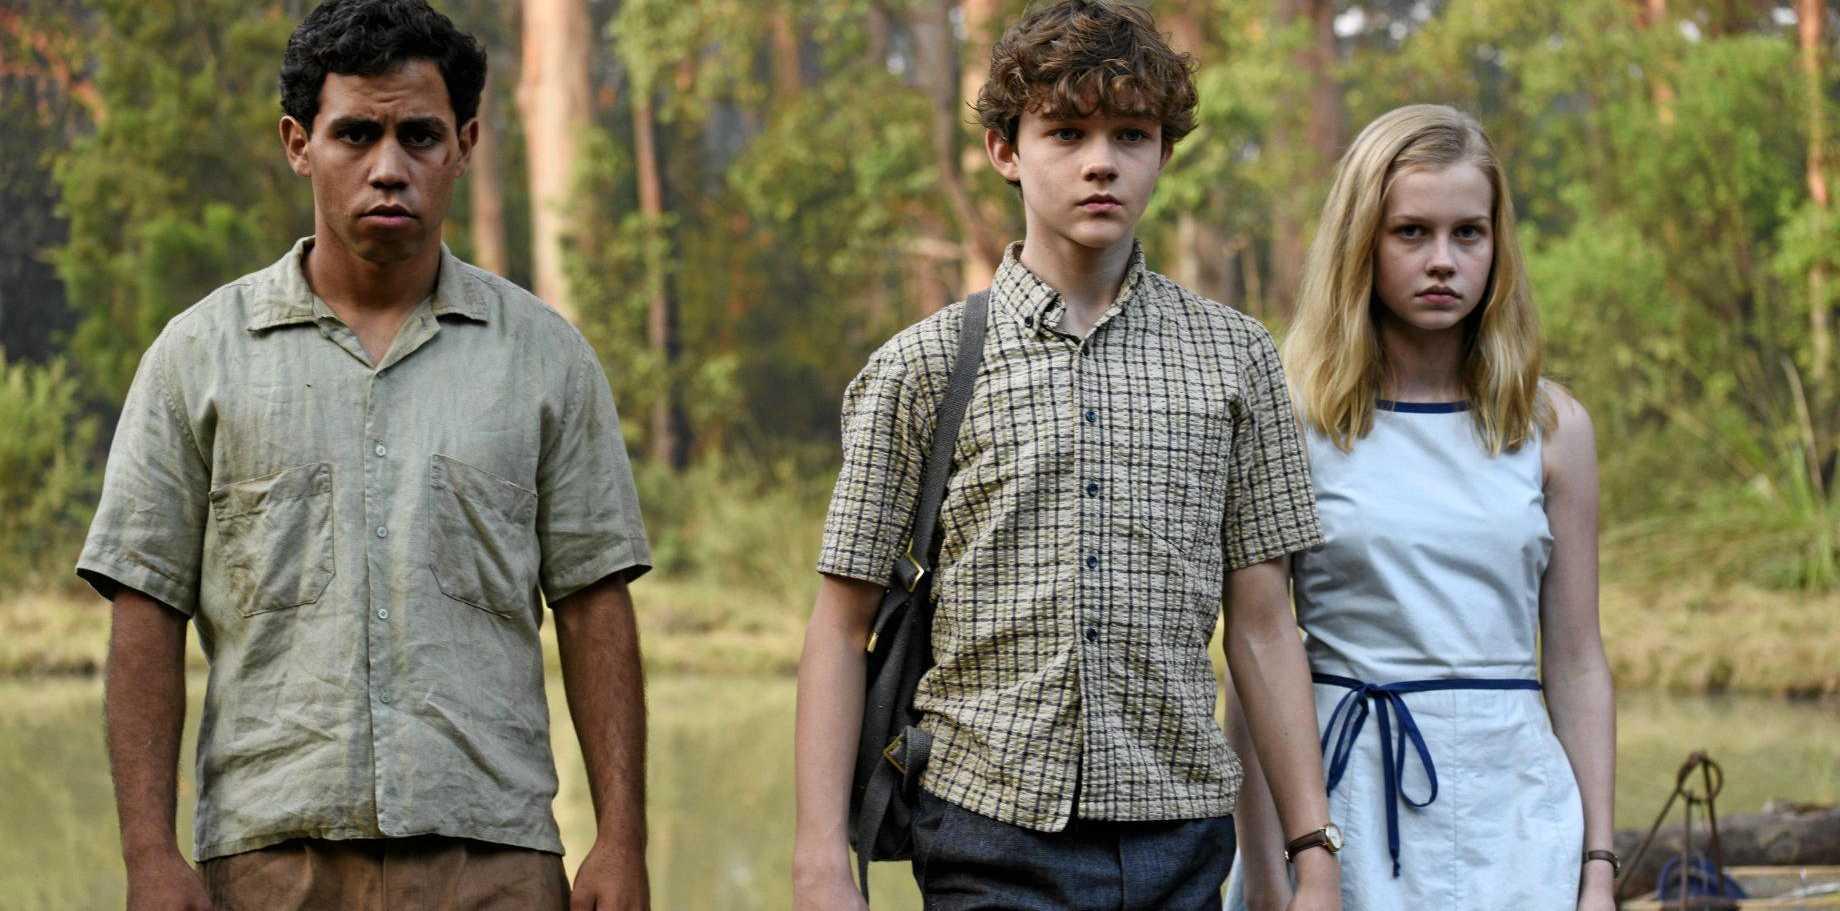 Jasper Jones (Aaron McGrath), Charlie Bucktin (Levi Miller) and Eliza Wishart (Angourie Rice) in the film Jasper Jones.